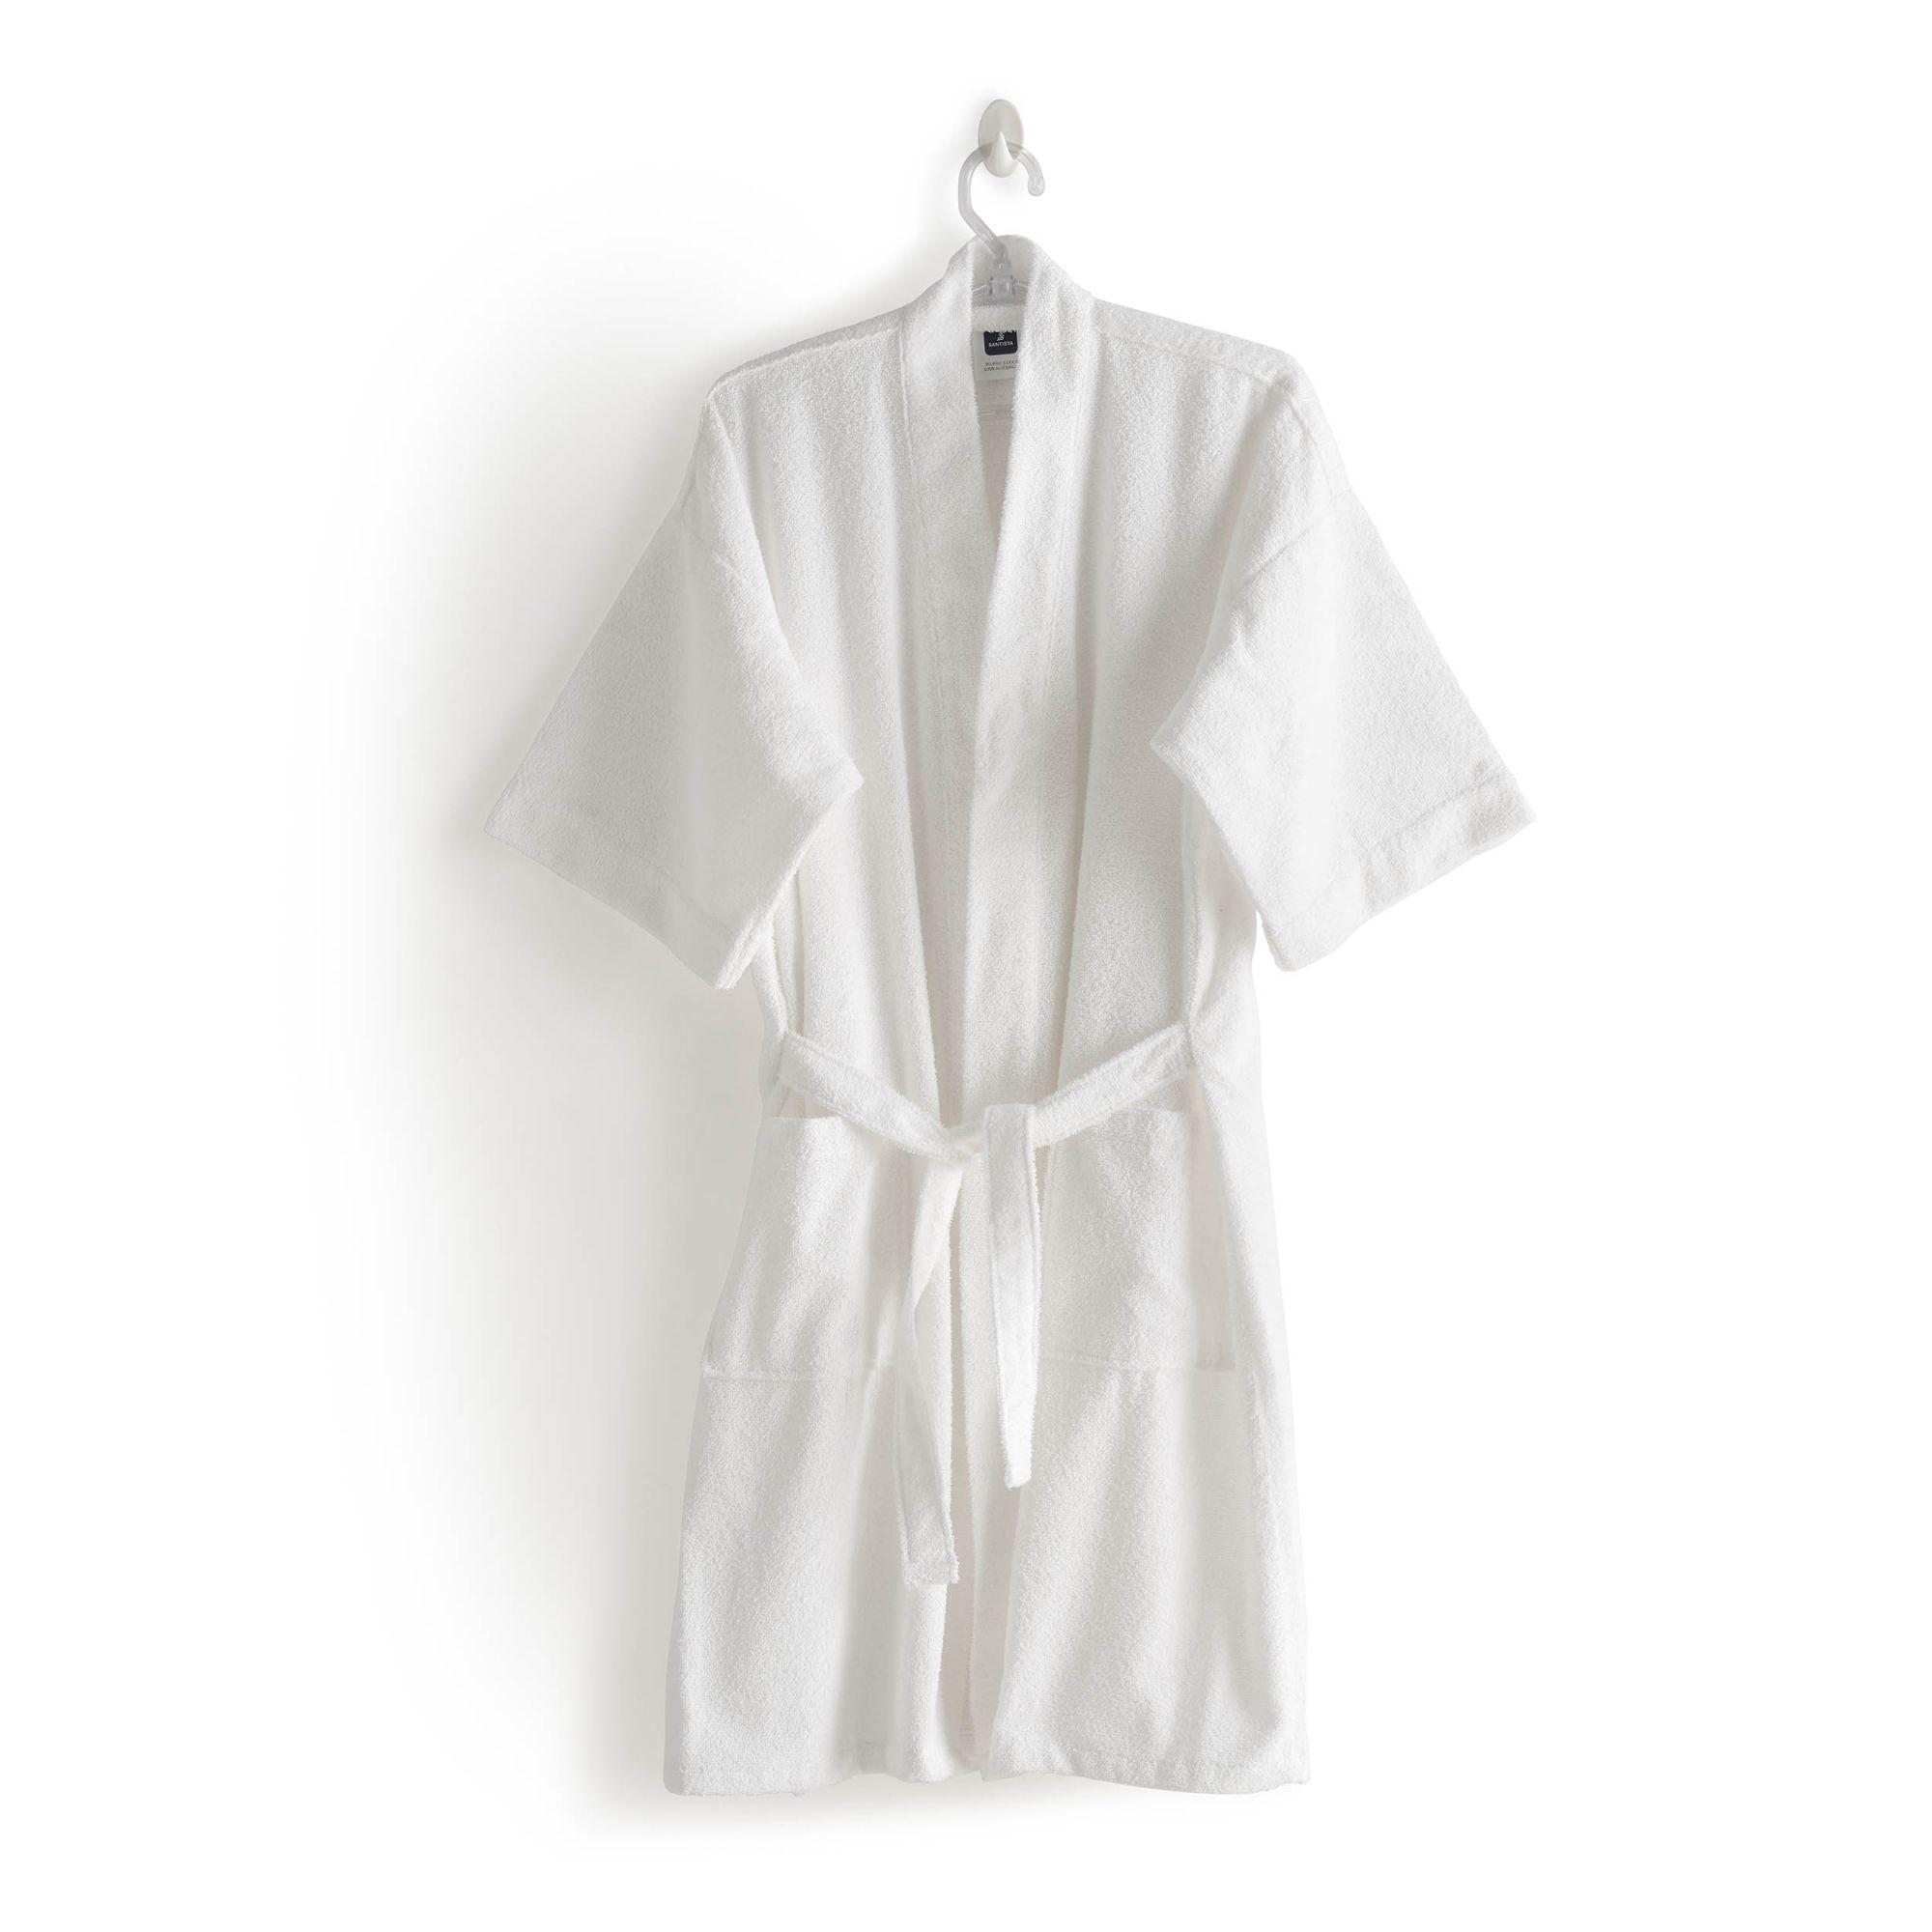 Roupão felpudo judoca santista grande 100% algodao branco